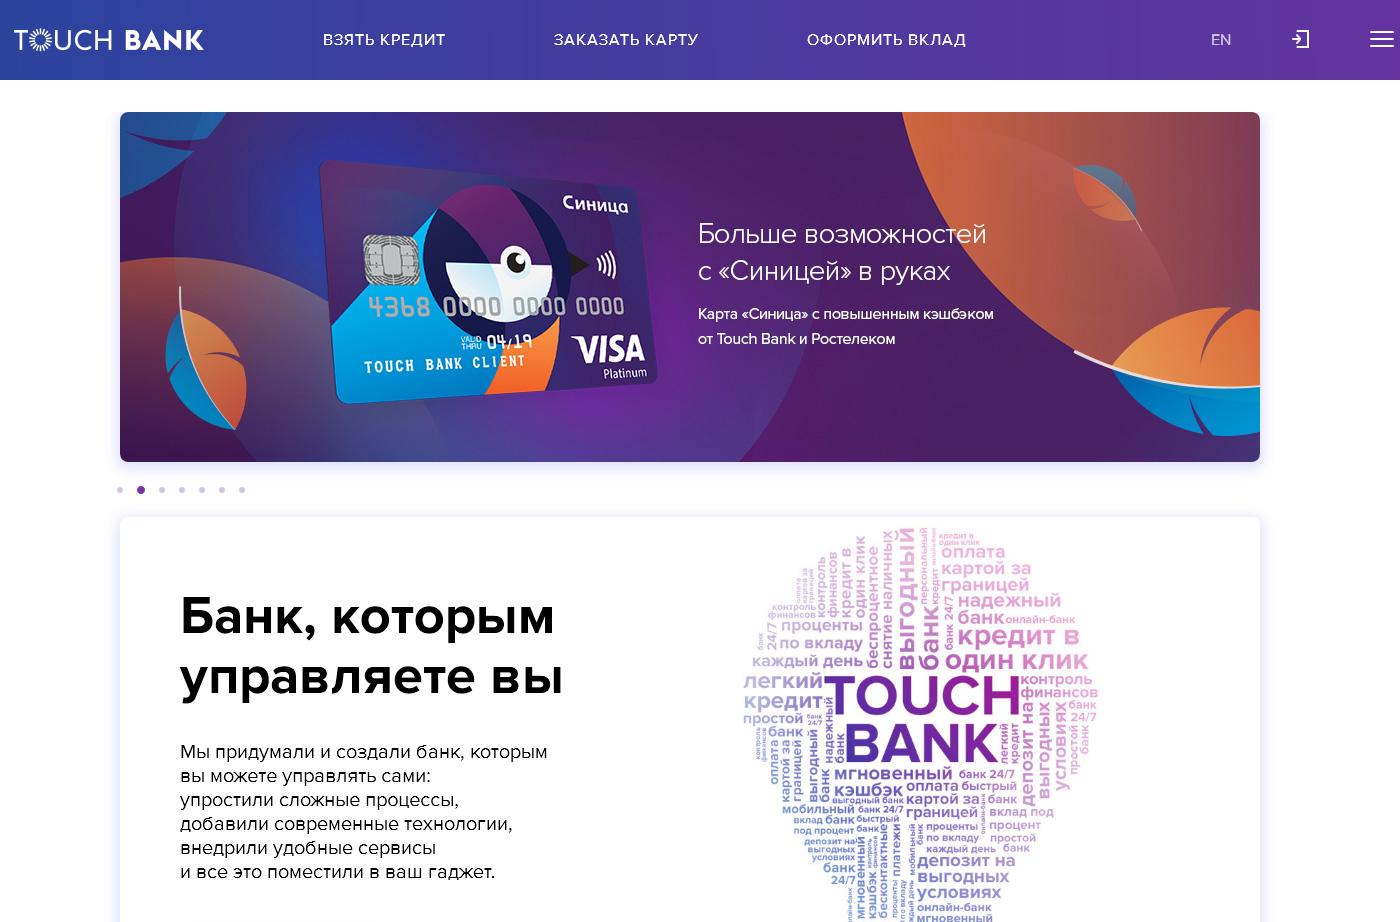 Официальный сайт Тач Банк